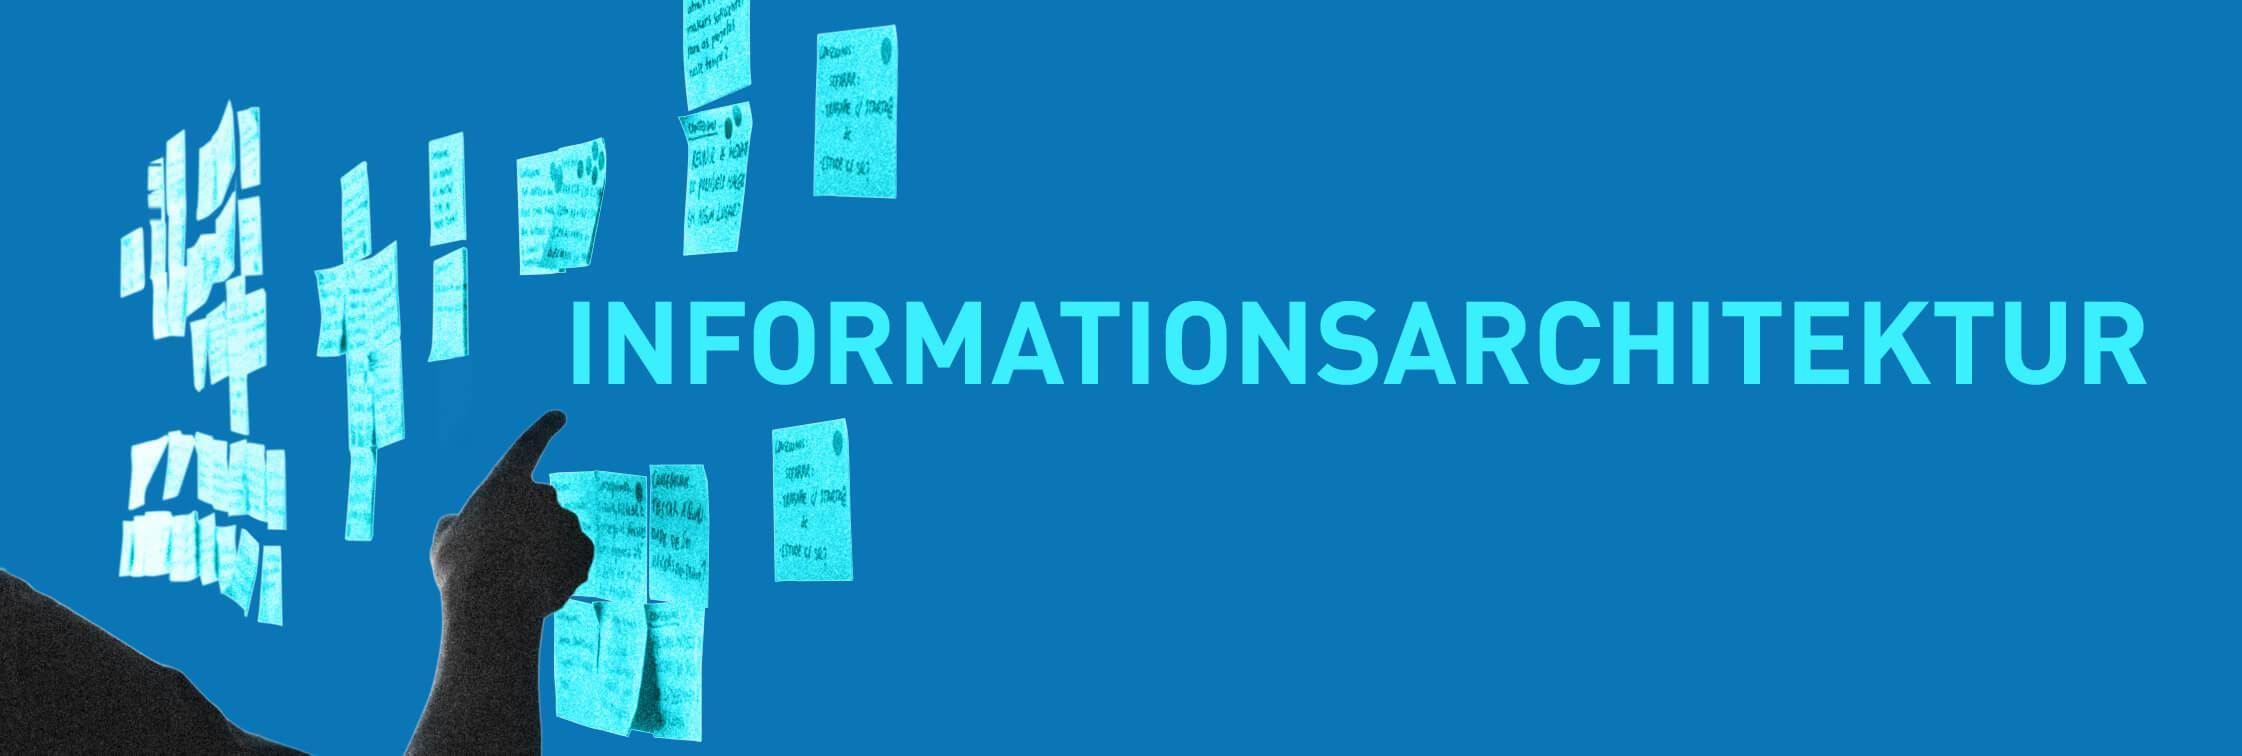 Informations- und Seitenarchitektur